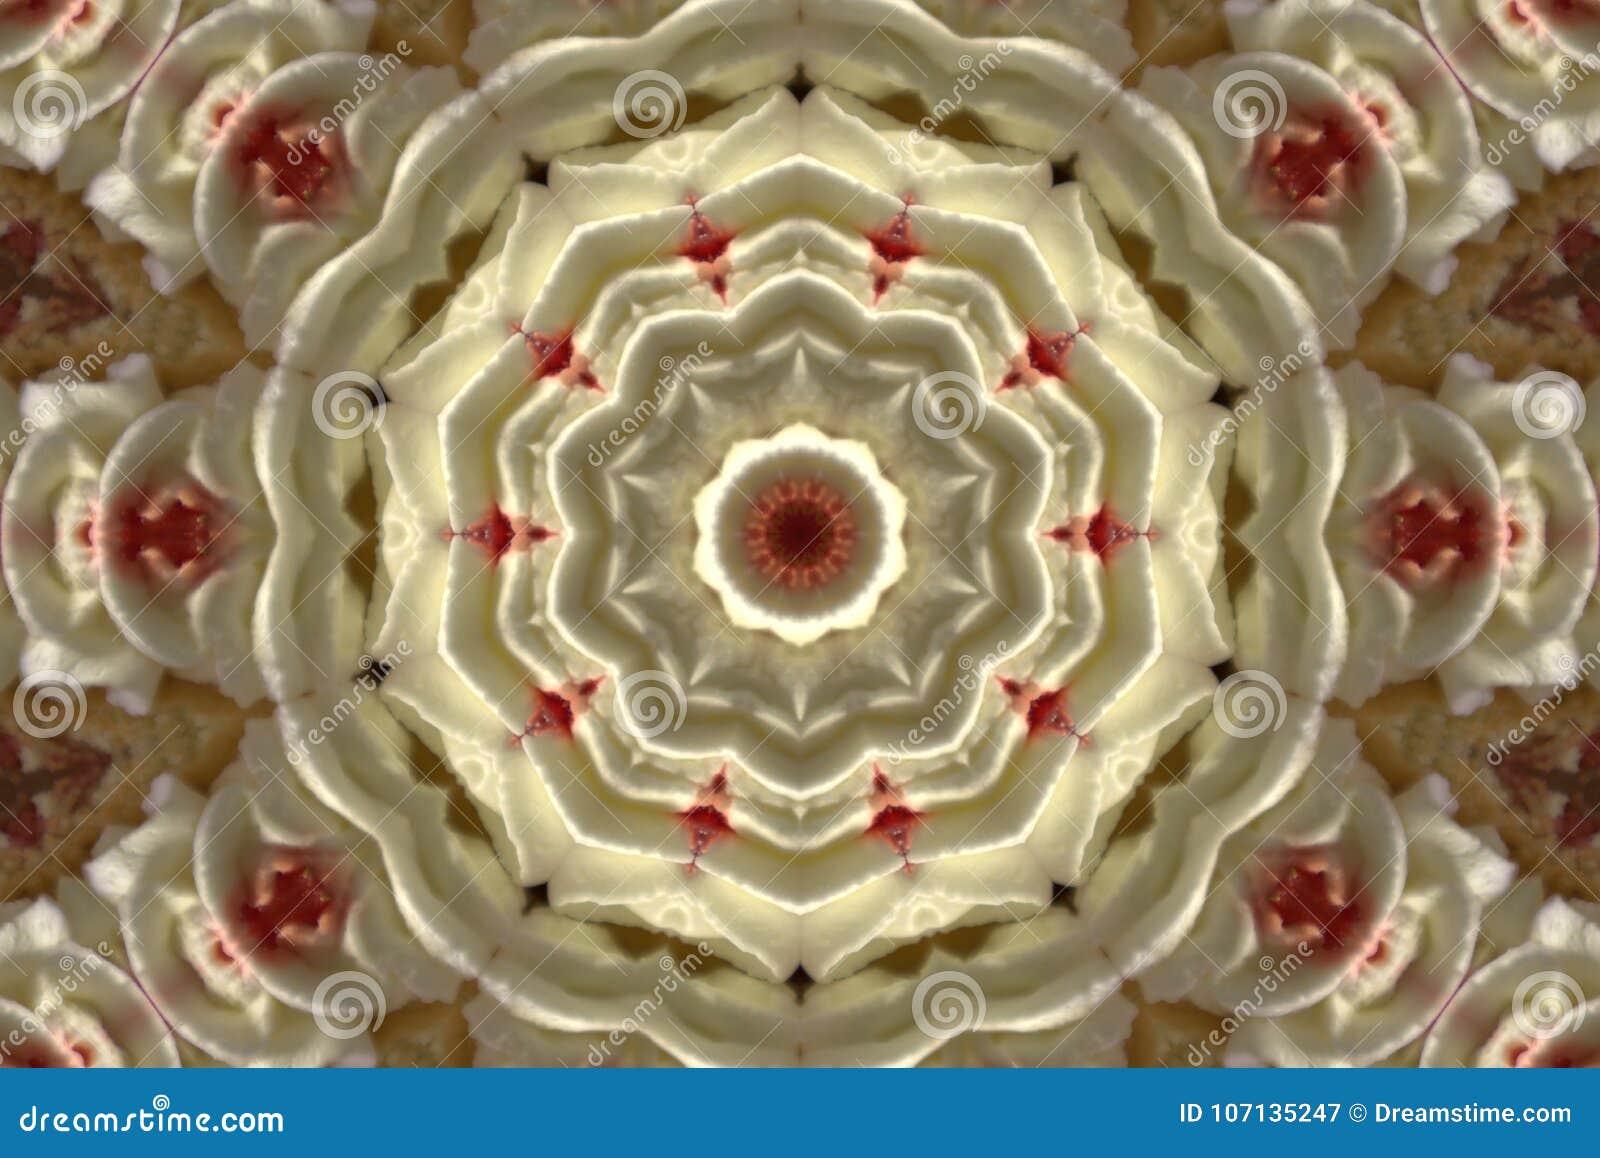 Immagine astratta di un cerchio